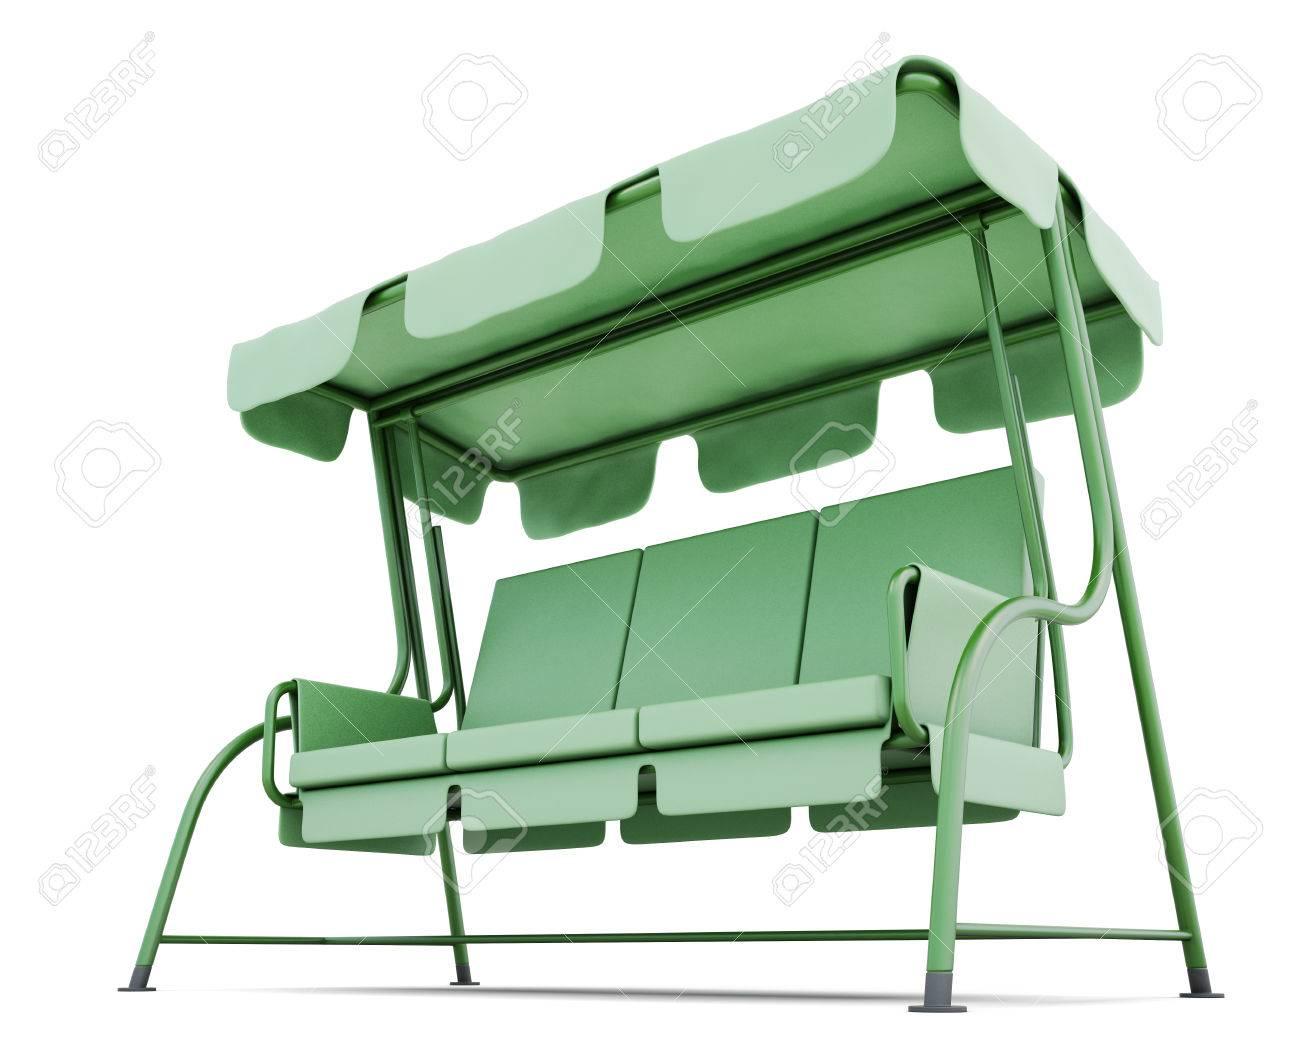 Full Size of Metall Gartenschaukel Mit Baldachin Auf Einem Weien Hintergrund Bett Regale Regal Weiß Wohnzimmer Gartenschaukel Metall